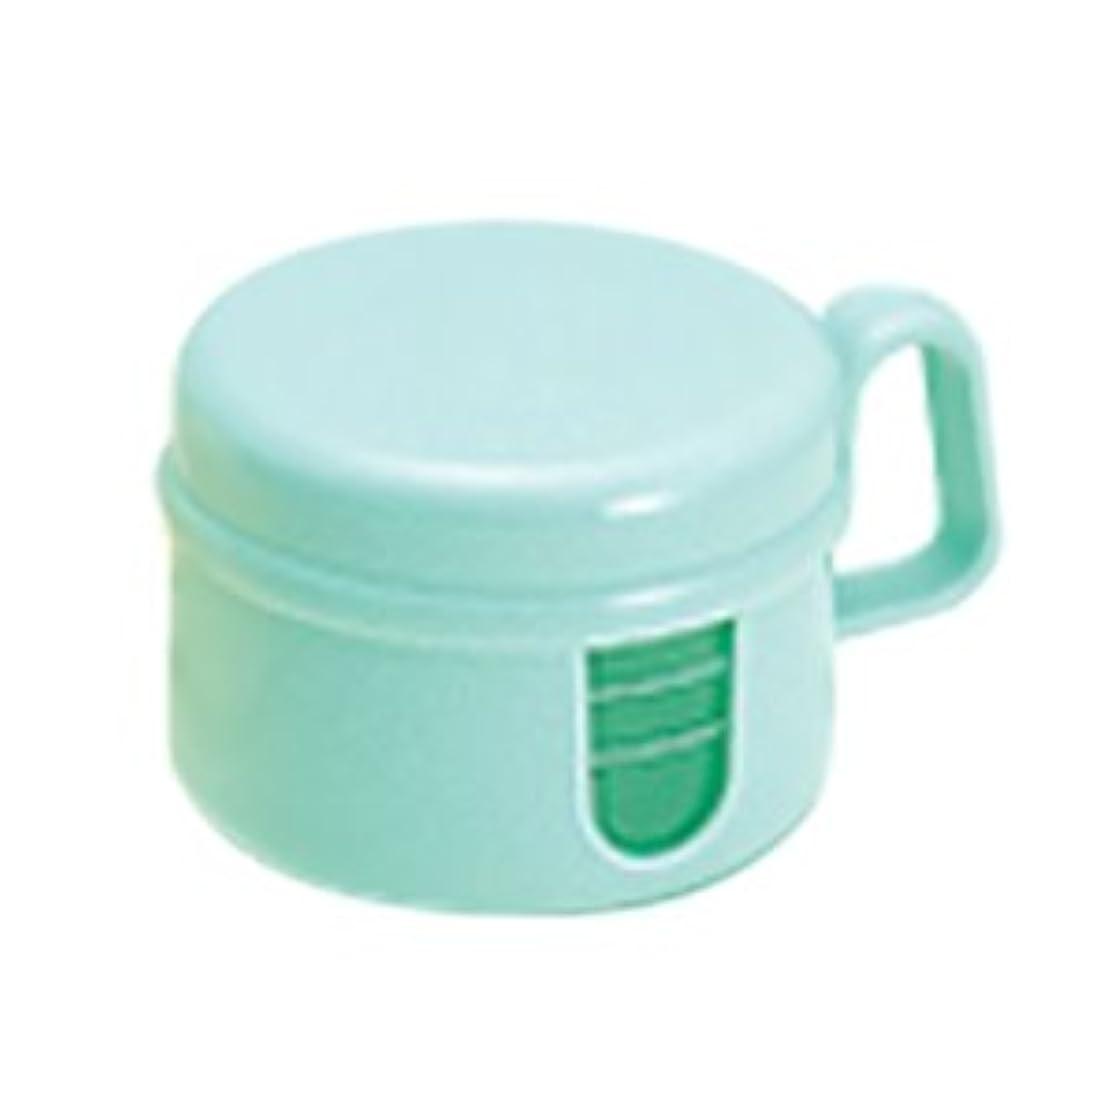 松風 ピカ 入れ歯 洗浄保存容器 グリーン